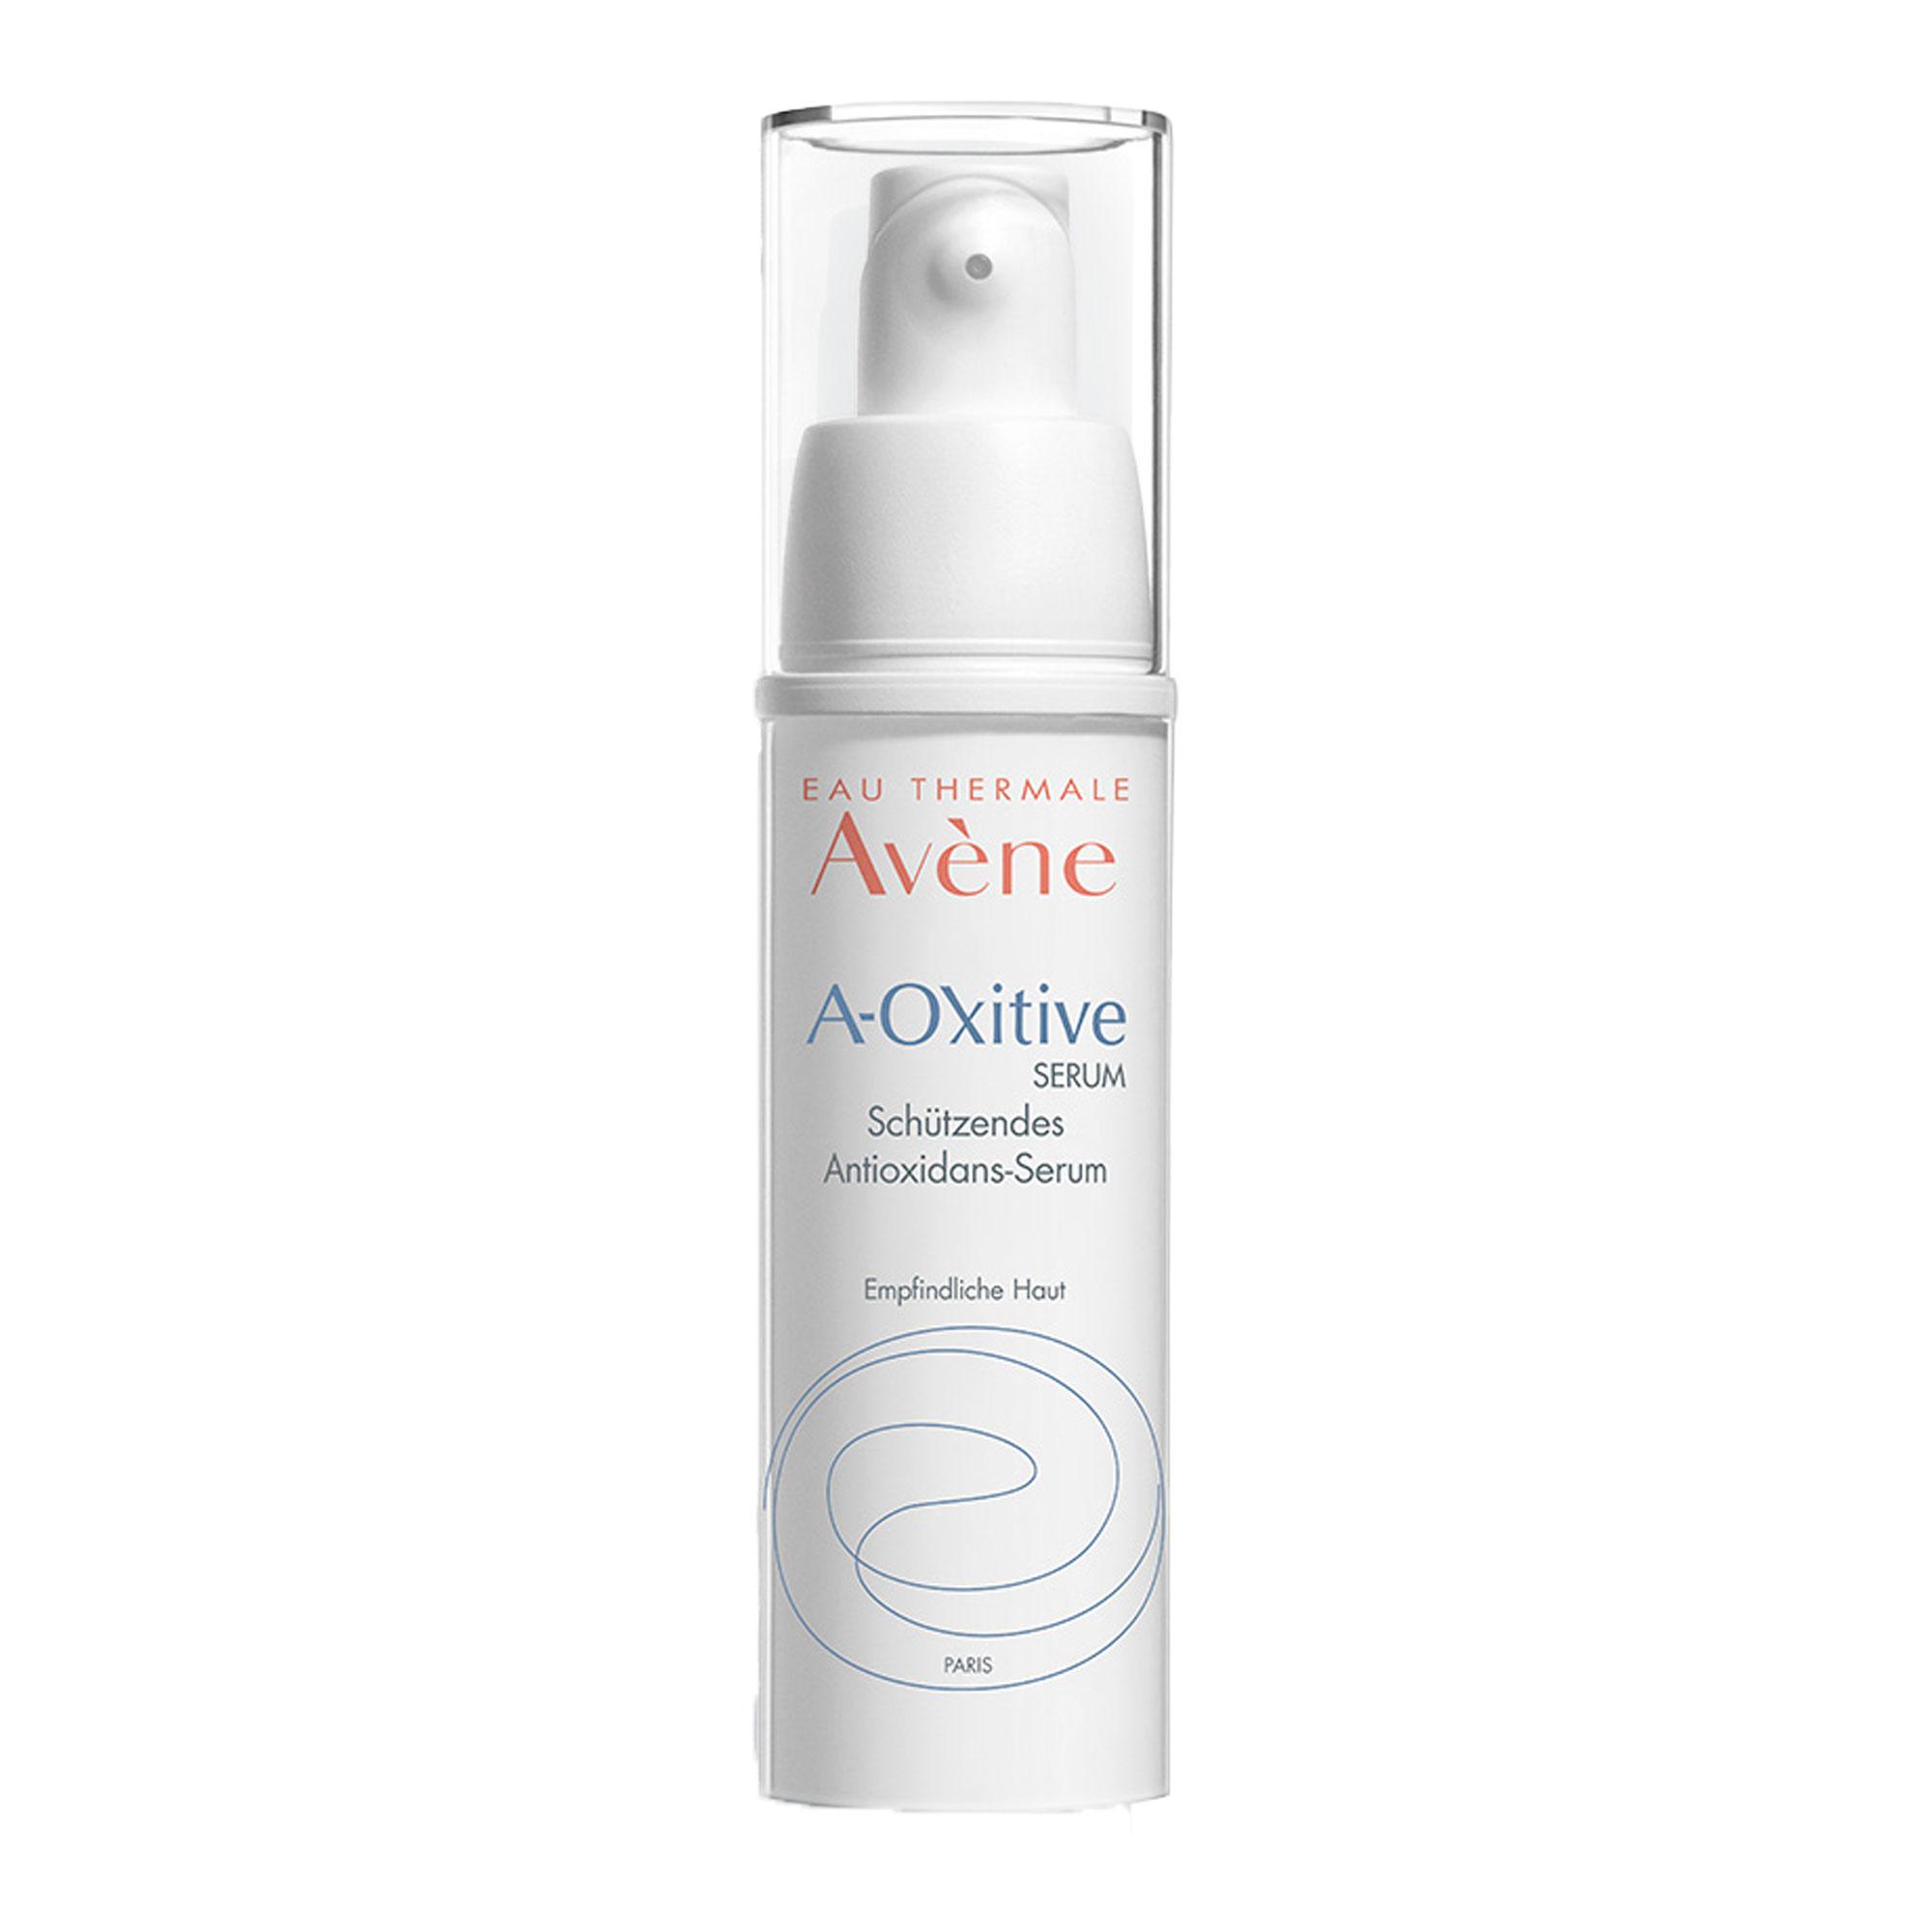 Avene A-OXitive Serum Schützendes Antioxidans-Serum